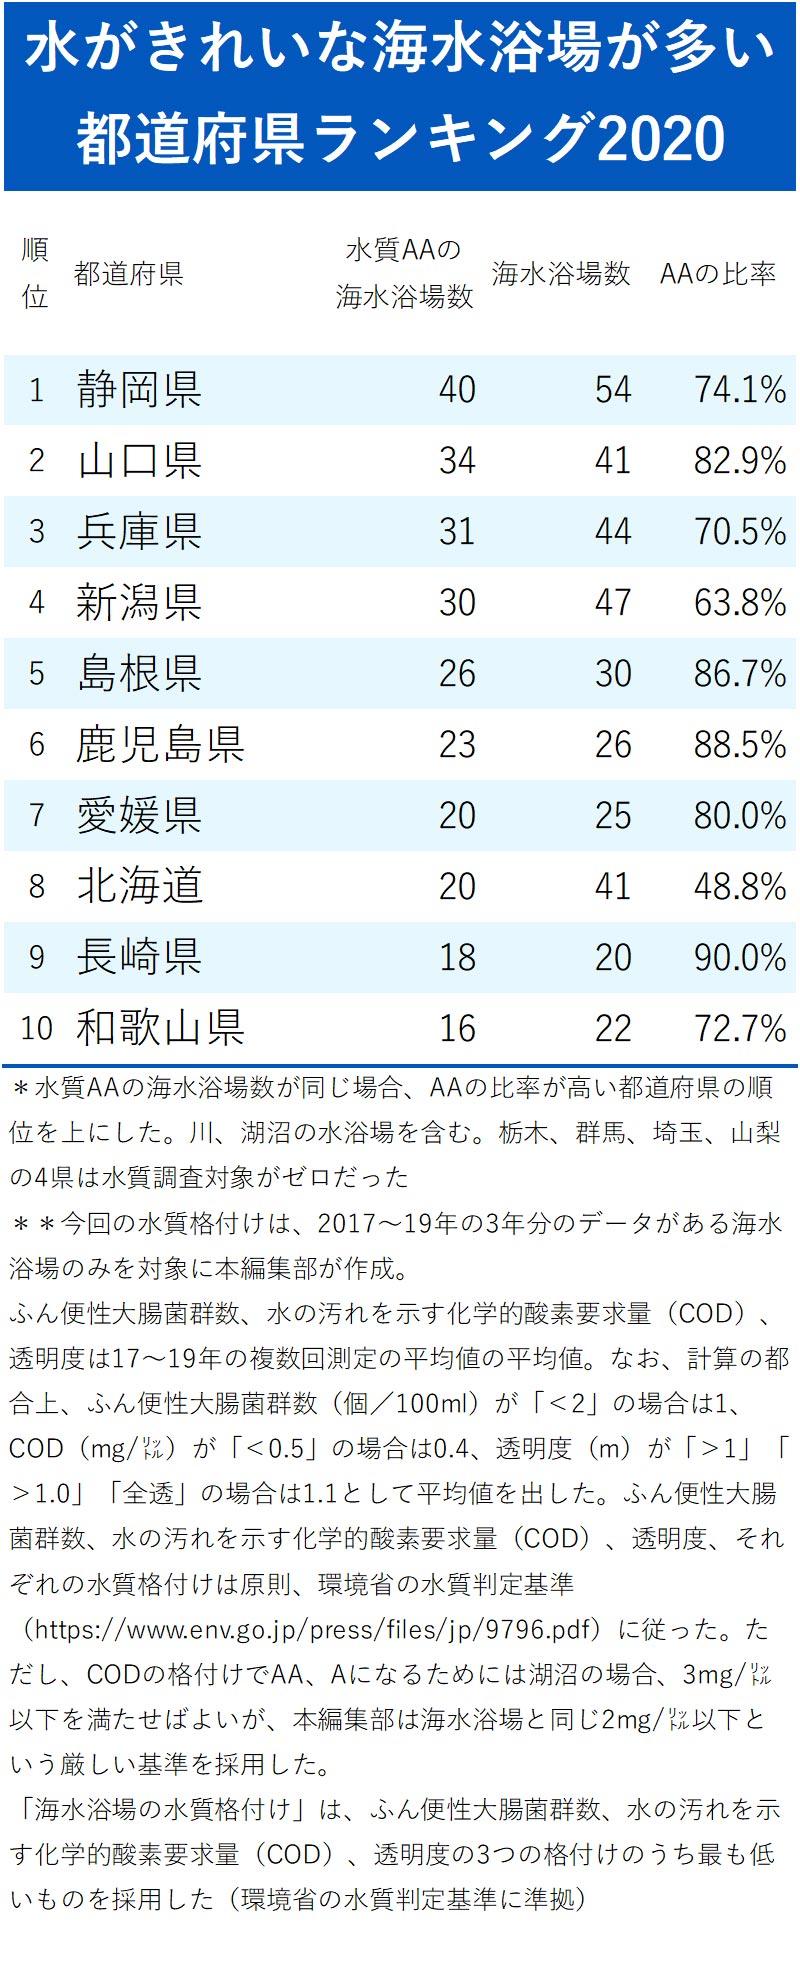 水がきれいな海水浴場が多い都道府県ランキング2020